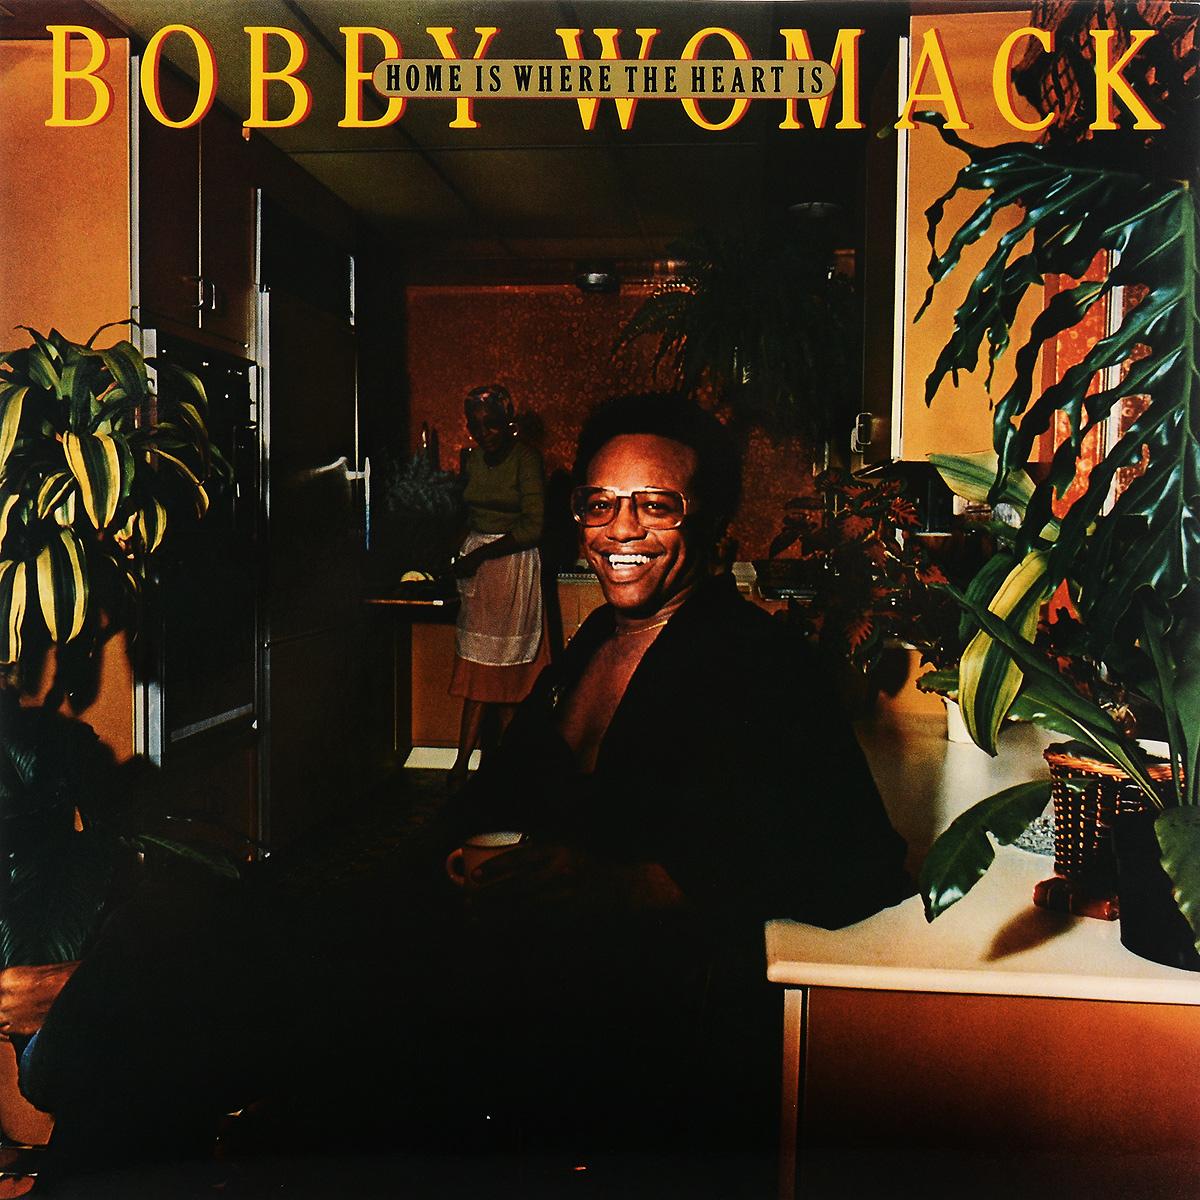 Бобби Уомак,Brotherhood Bobby Womack & Brotherhood. Home Is Where The Heart Is (LP) powers m babcock j the brotherhood 1